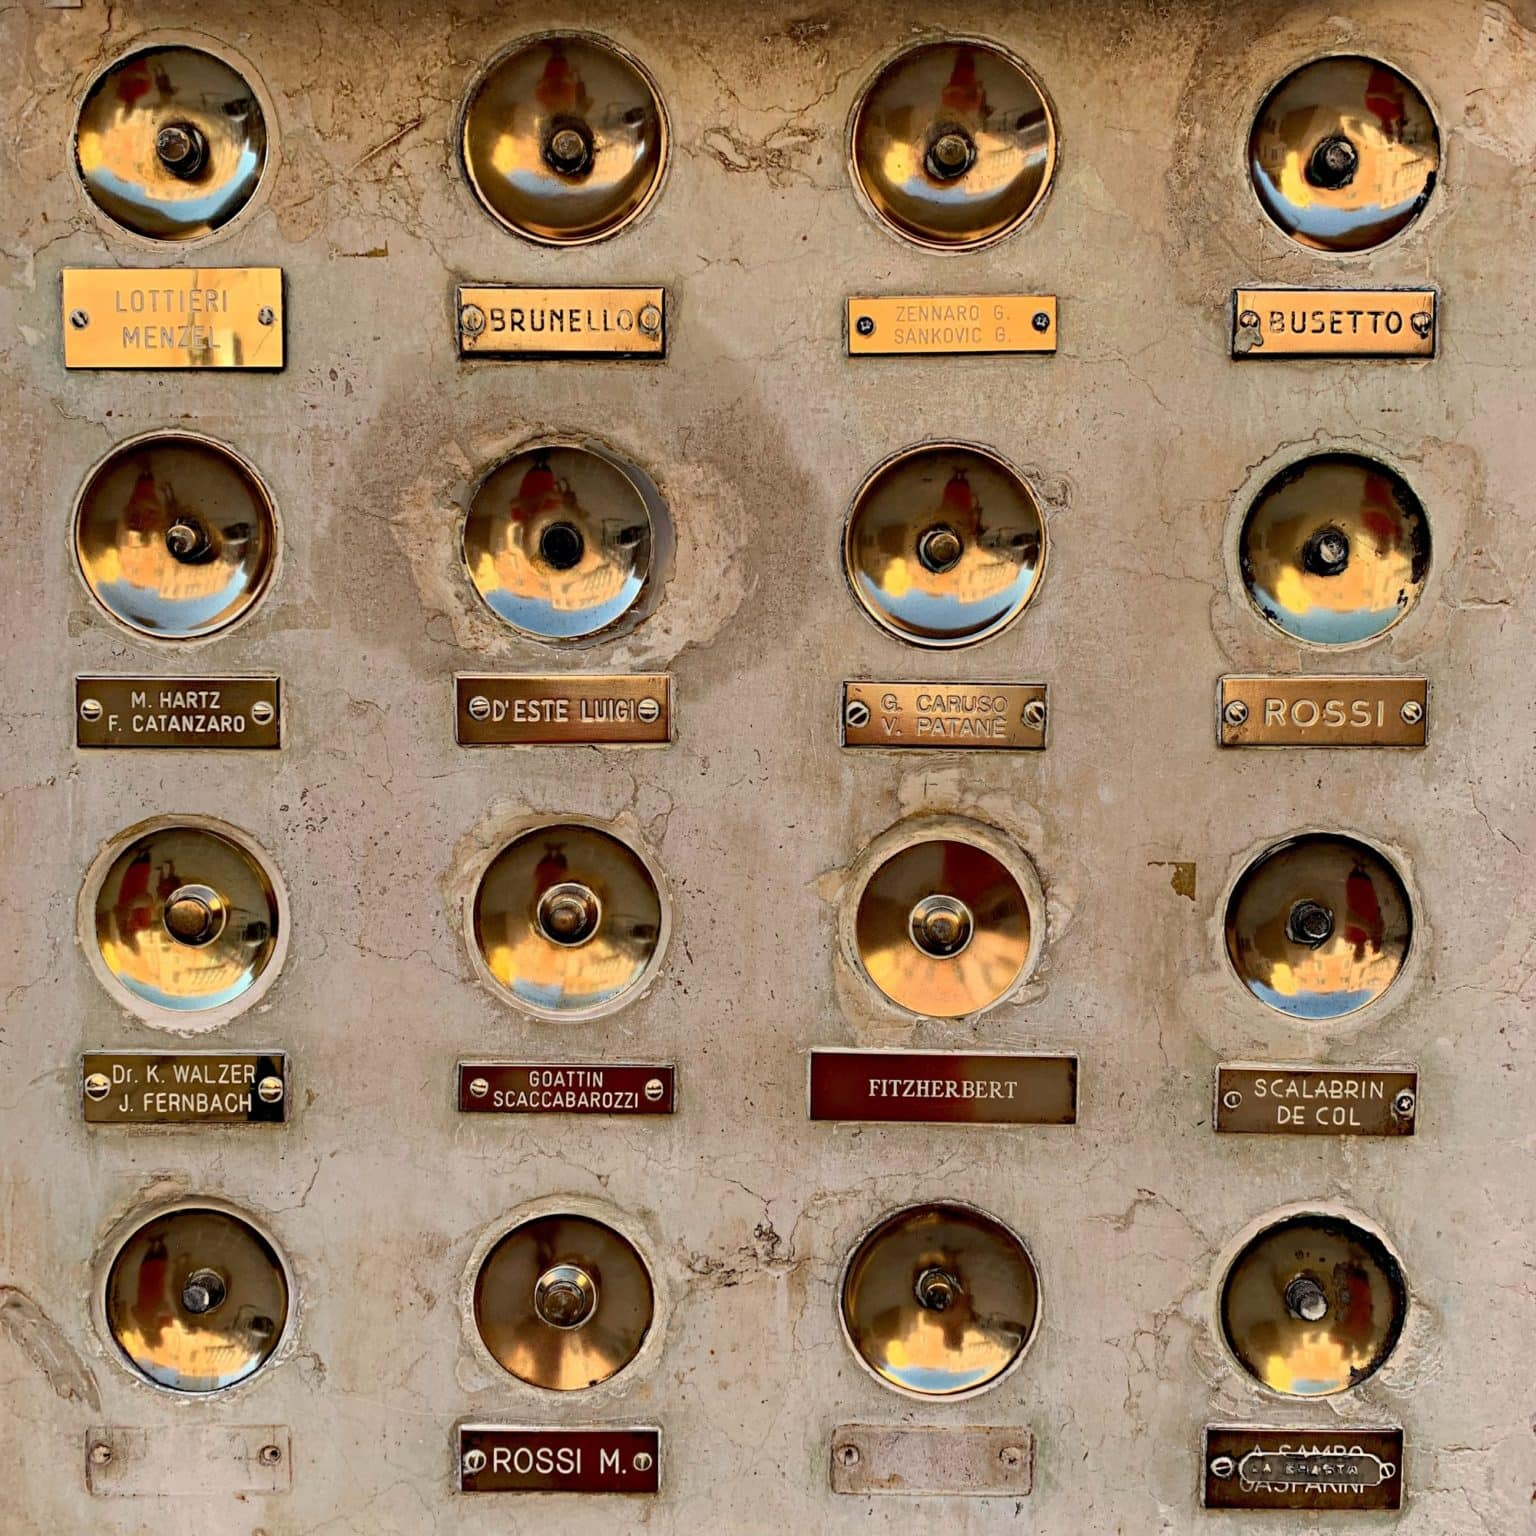 grid of doorbells